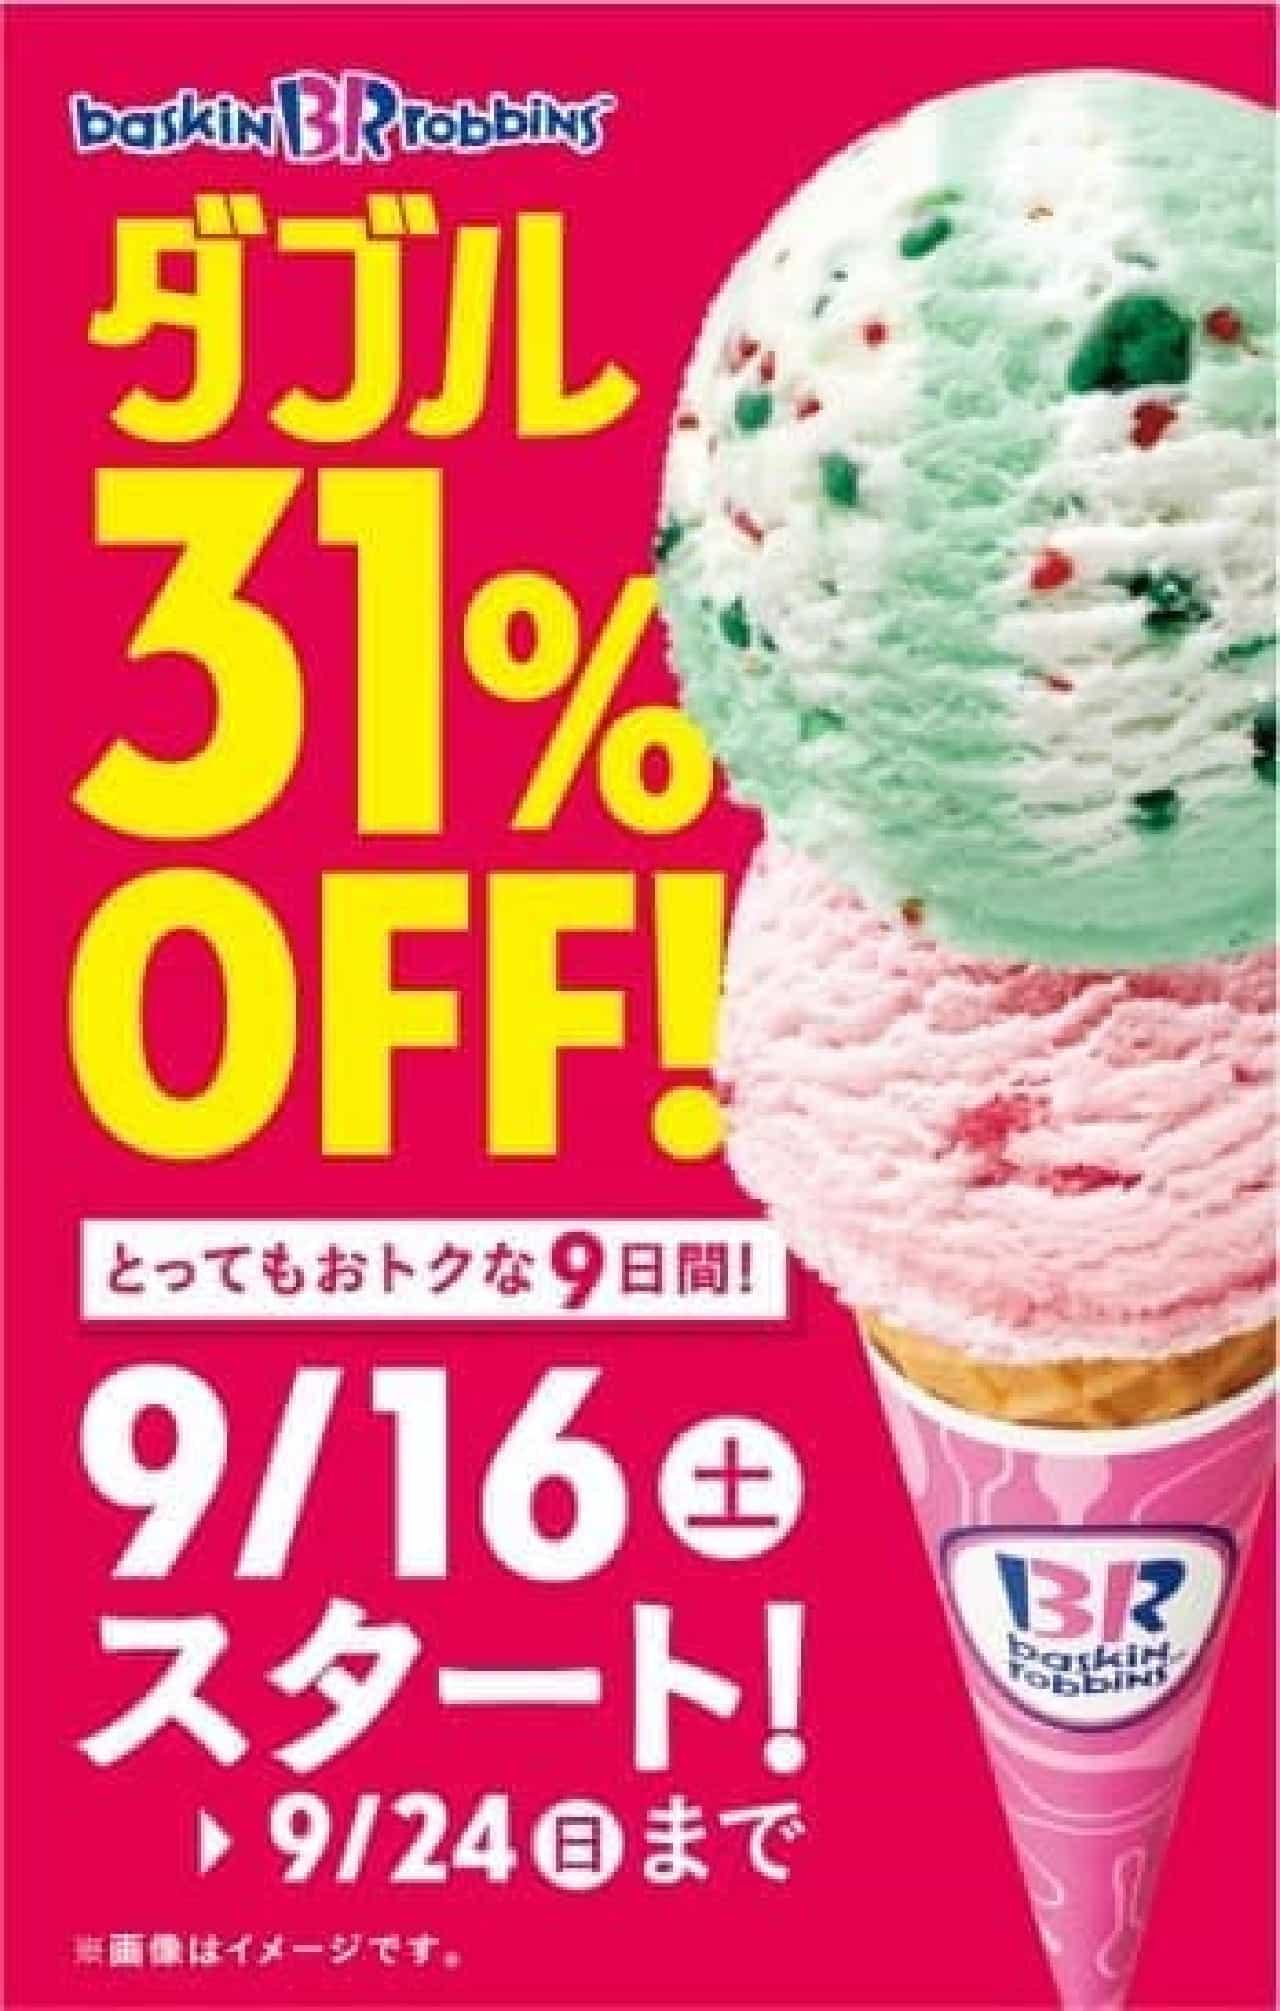 サーティワン アイスクリームで「ダブルコーン・ダブルカップ31%OFFキャンペーン」